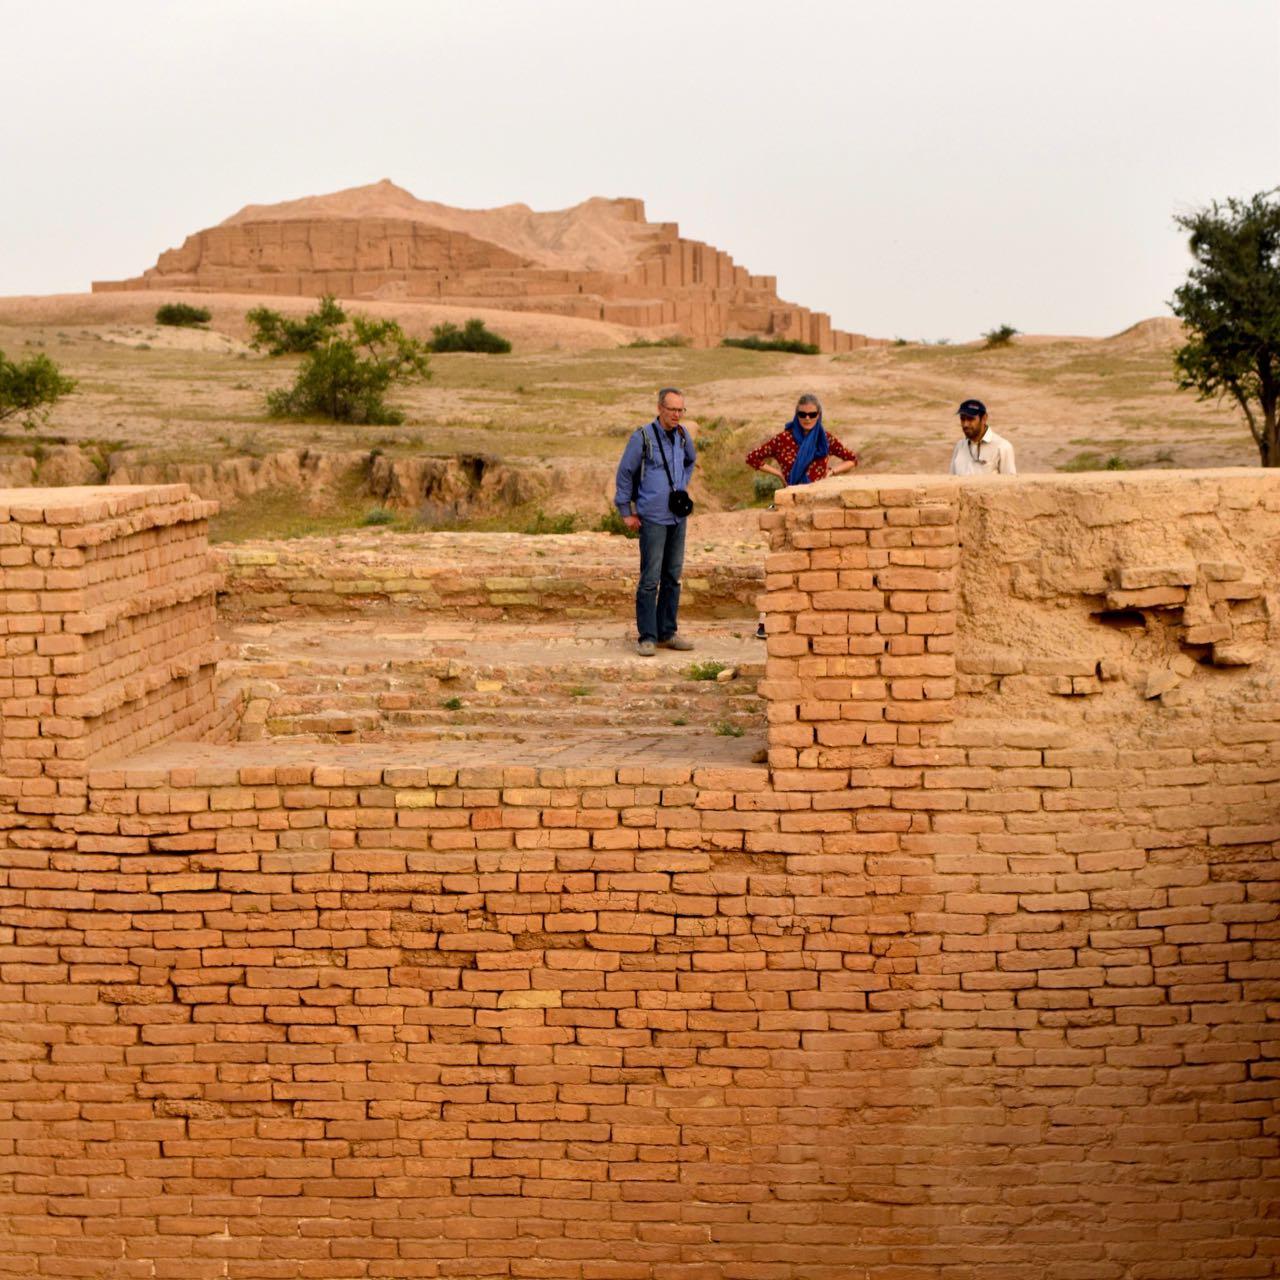 Iran-Chogha-Zanbil-Ziggurat-water-reserve1.jpg